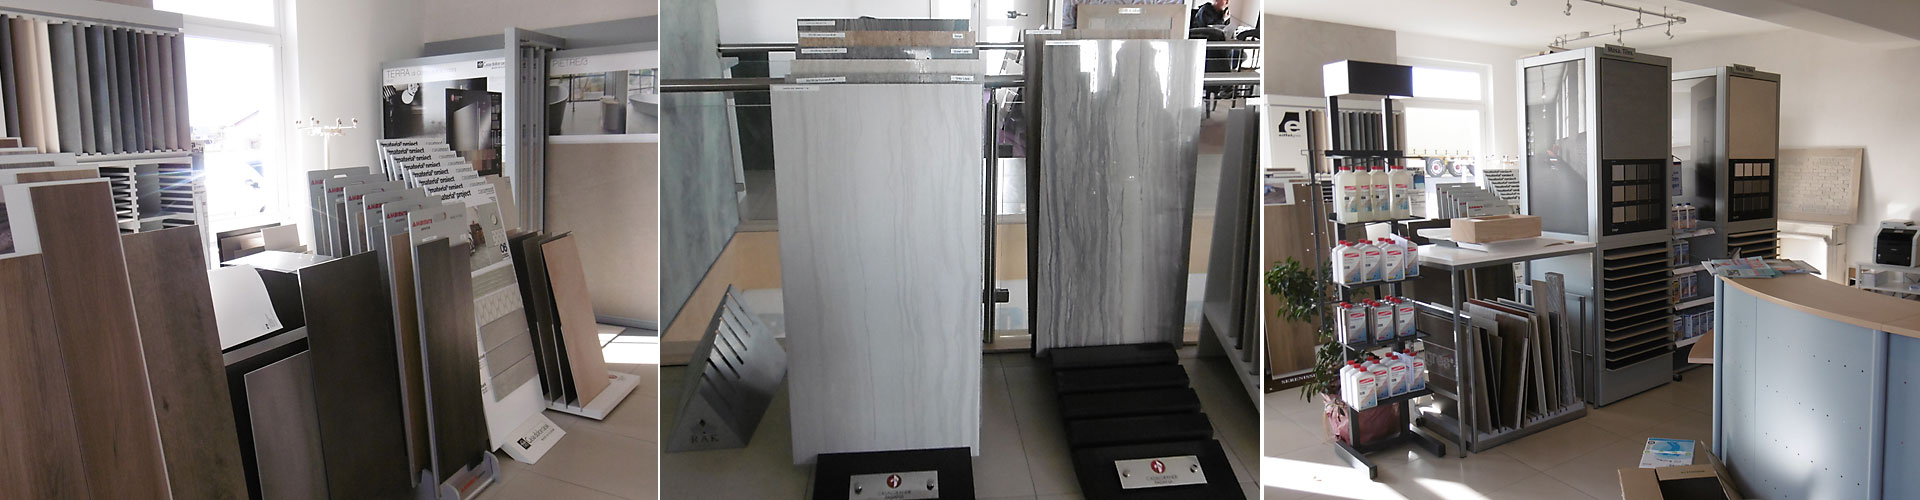 Peter-Bonnichsen-Fliesen-Platten-Mosaiklegemeister-Ausstellung-Sylt